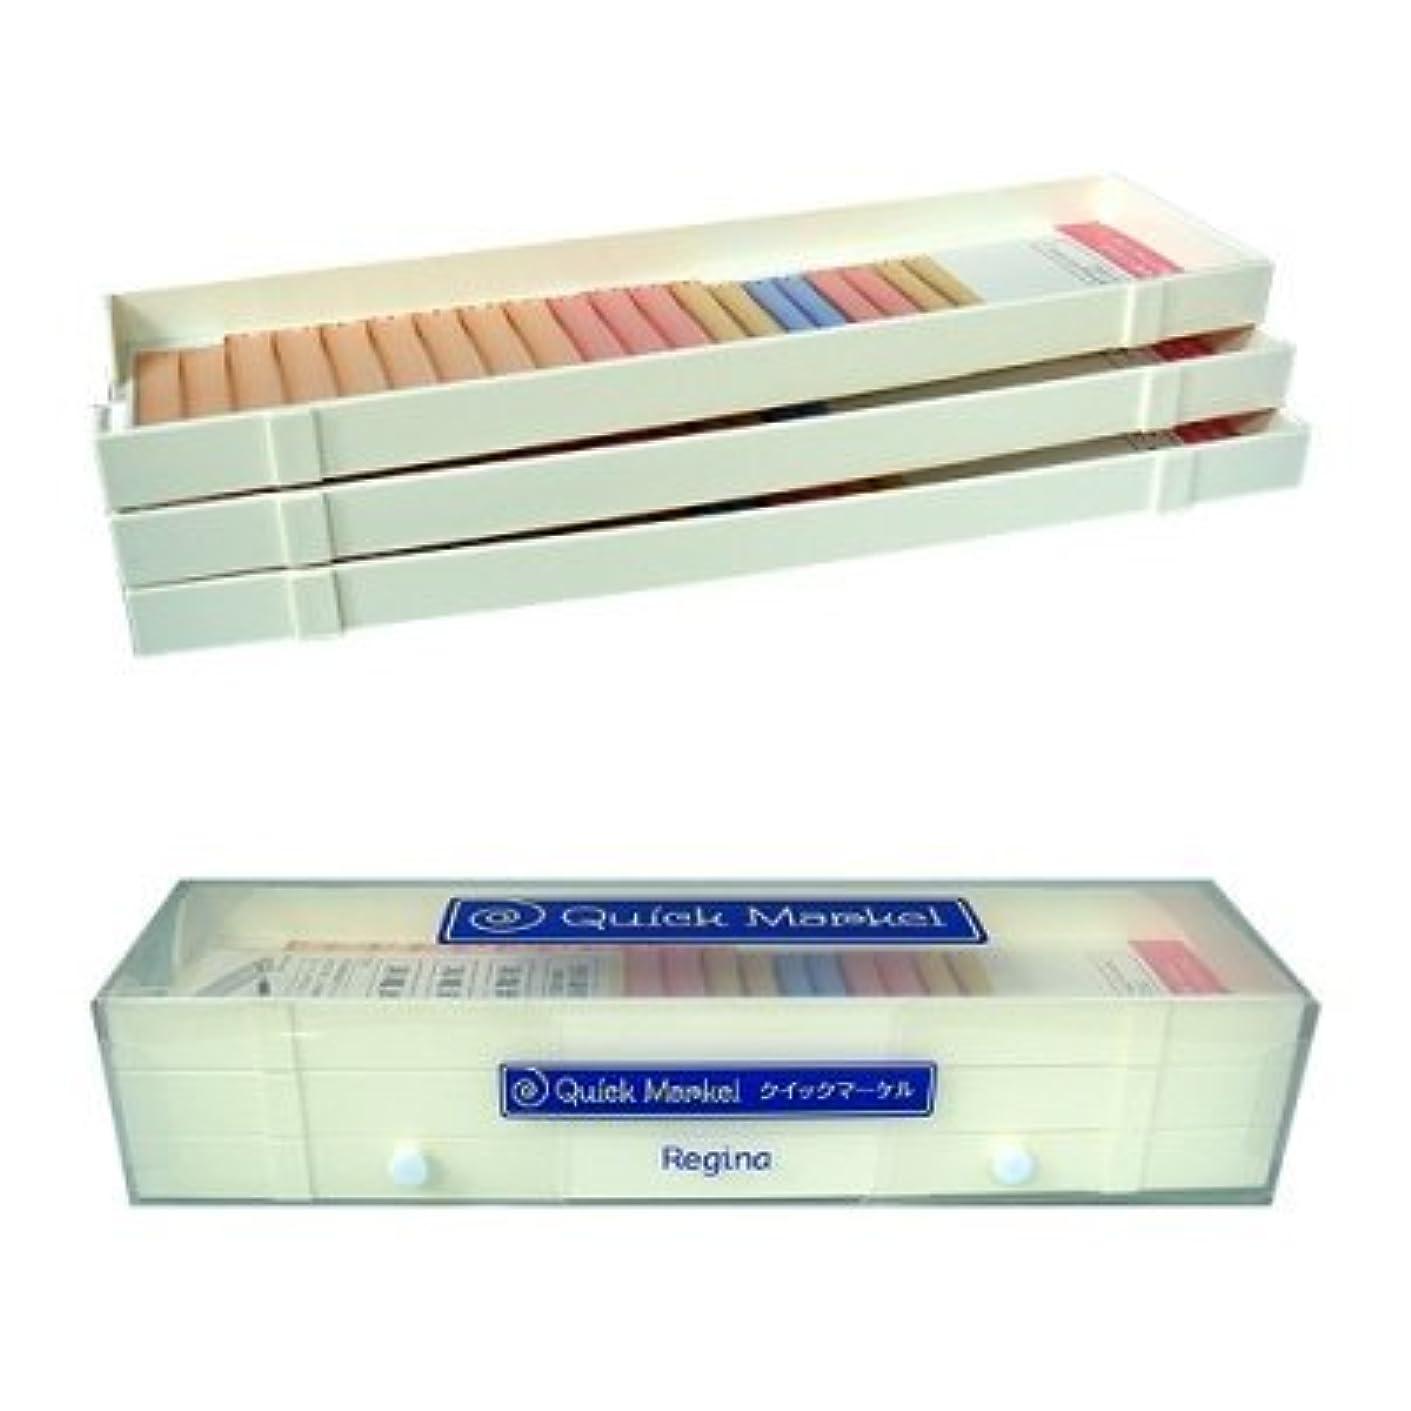 刺繍ゲームマチュピチュレジーナ クイックマーケル 国家試験対応 ロッド収納ケース